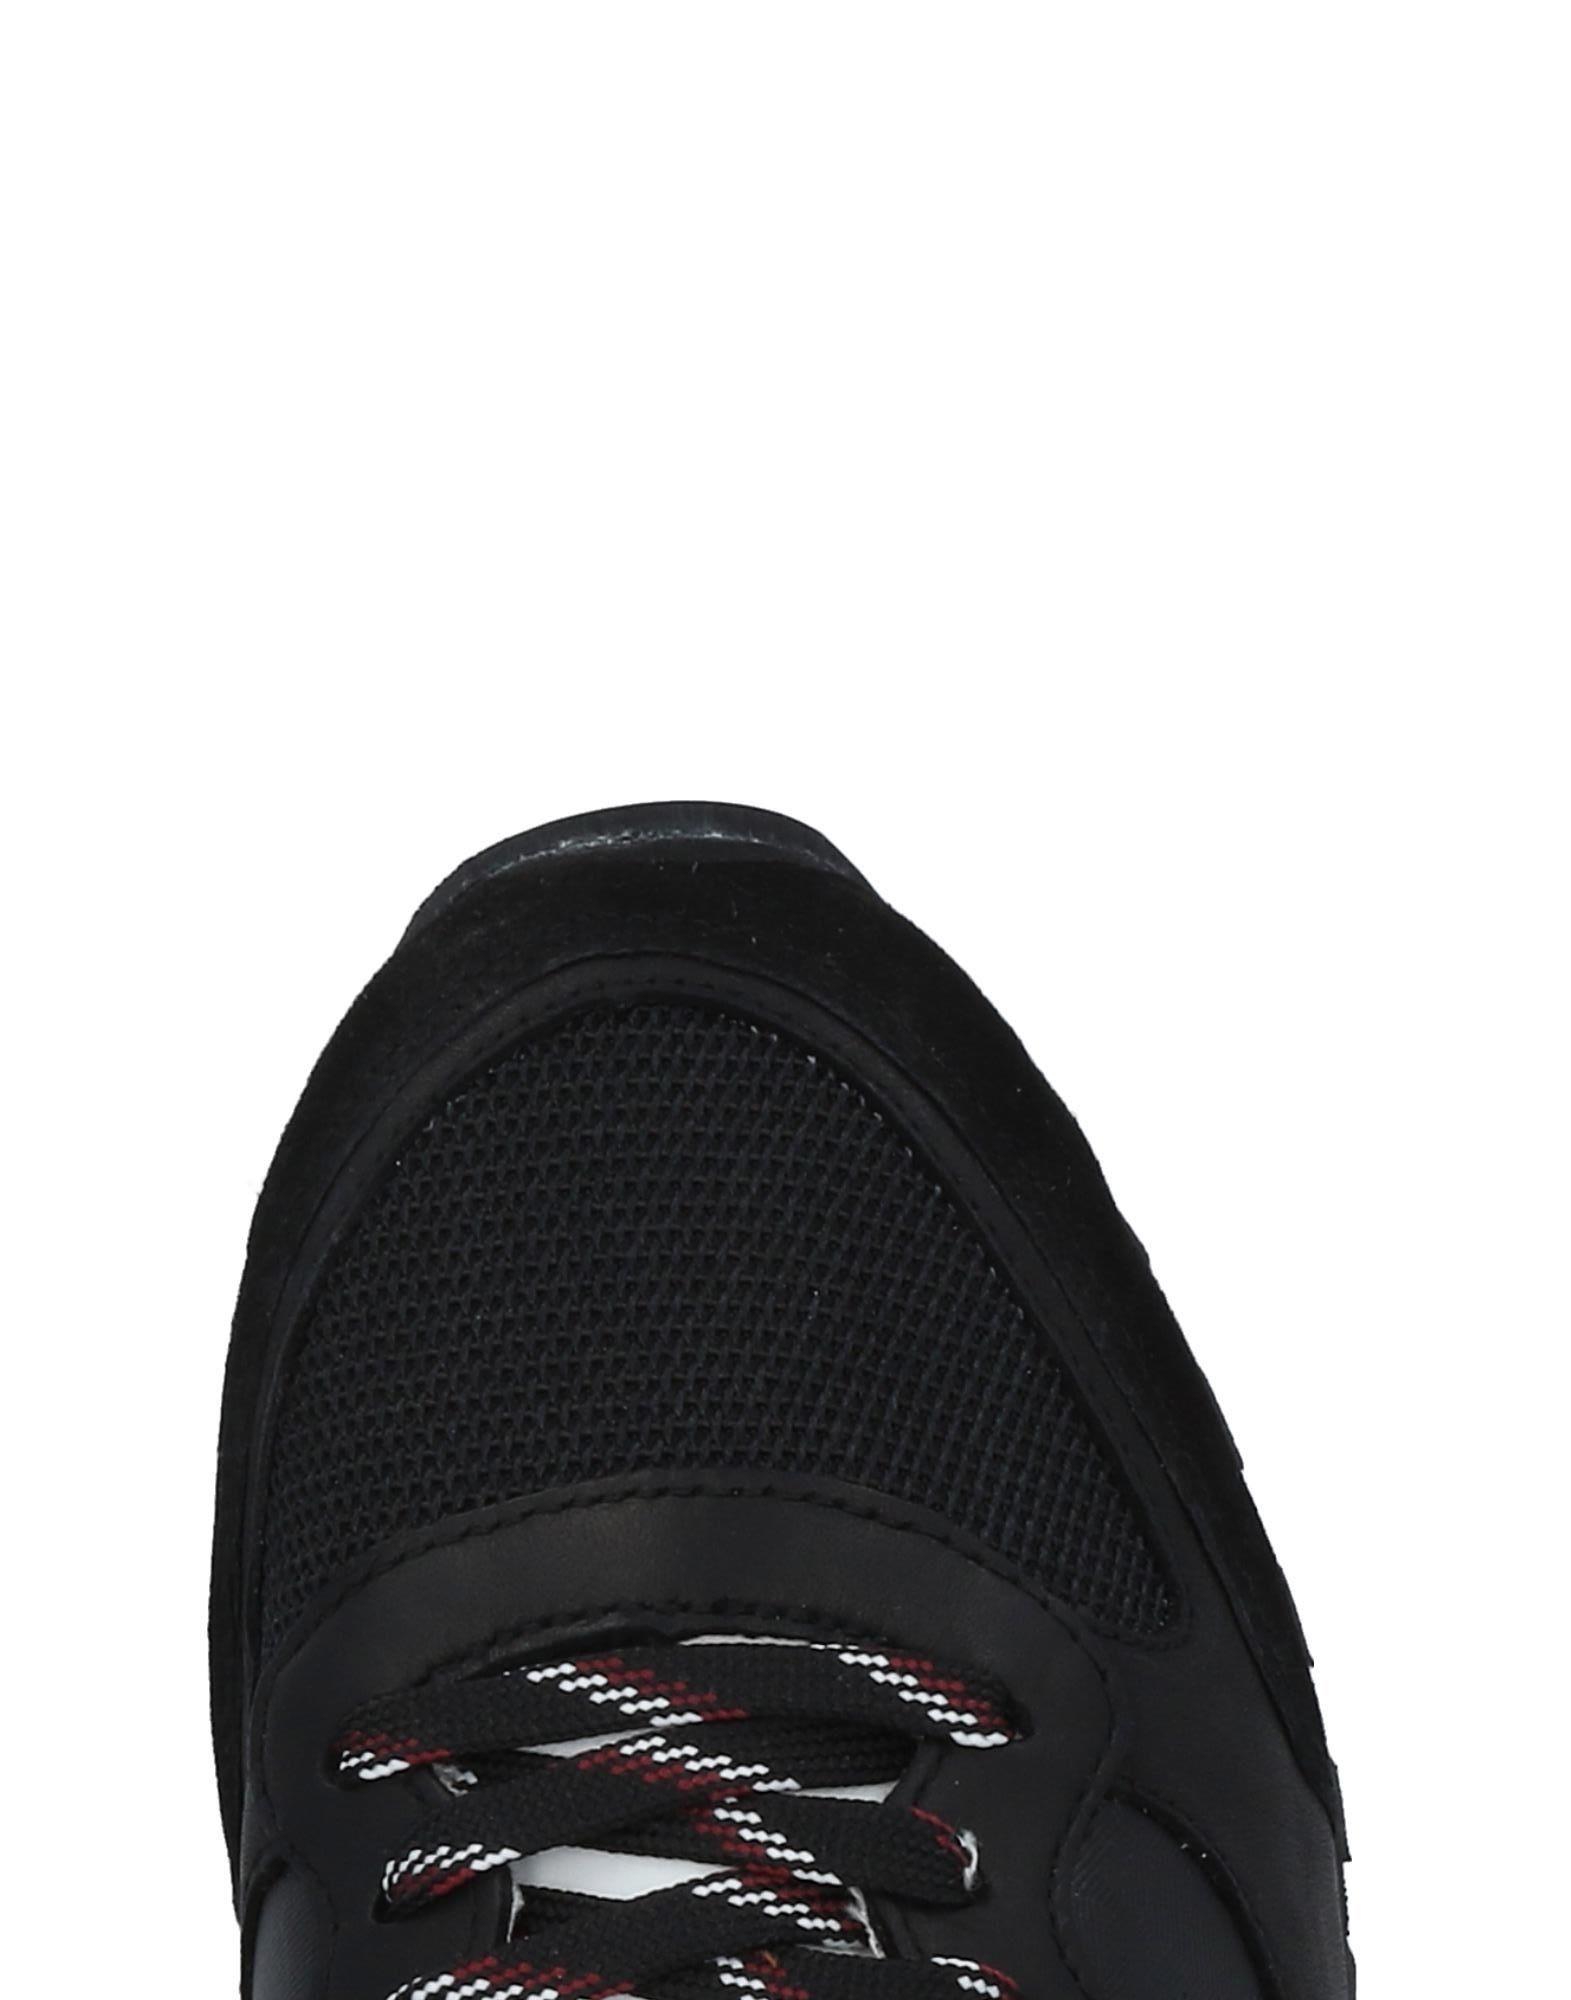 Rabatt echte Schuhe Herren D.A.T.E. Sneakers Herren Schuhe  11490617ND 8e95d7